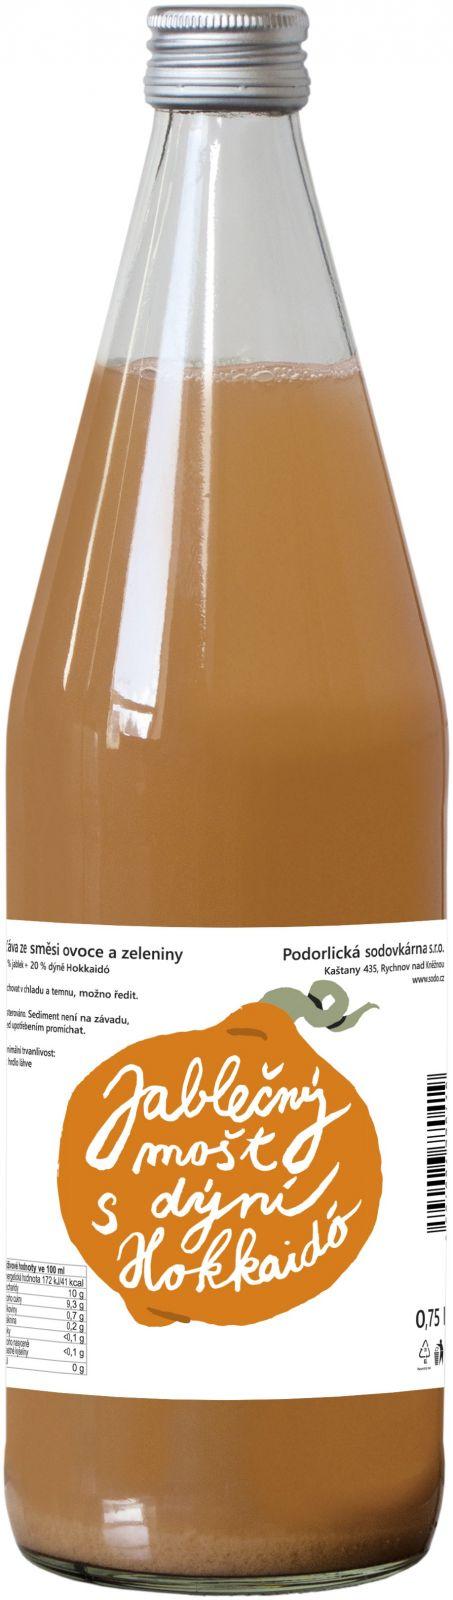 Podorlická sodovkárna 100% mošt Jablko Hokkaido 0,75 l O dýni Hokaido je známé, že vyniká skvělou sladkou chutí, a tak se výborně hodí i pro výrobu džusů. Je především bohatá na živiny a minerální látky. Vychlazený mošt s dýni Hokaido dokonale osvěží Podorlická sodovkárna Rychnov n/ Kněžnou